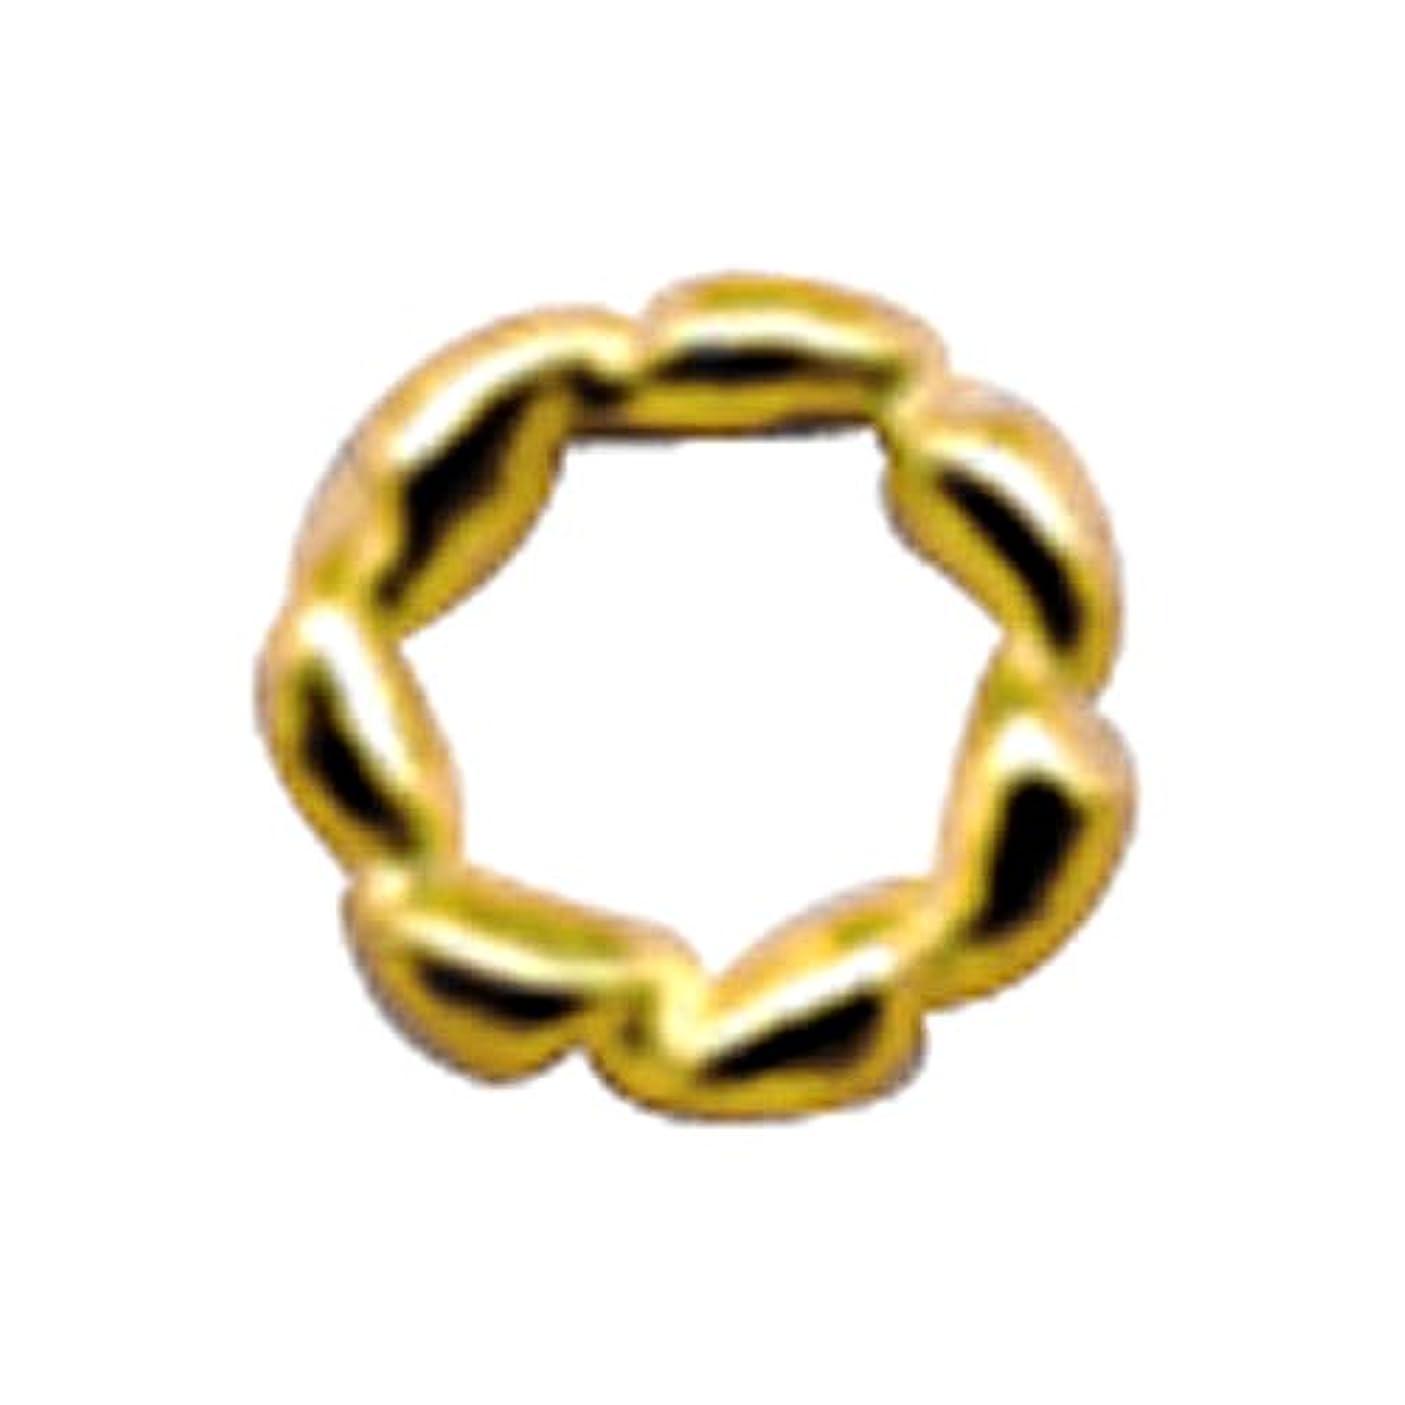 計算する取る確保するプリティーネイル ネイルアートパーツ ツイストリングM ゴールド 12個